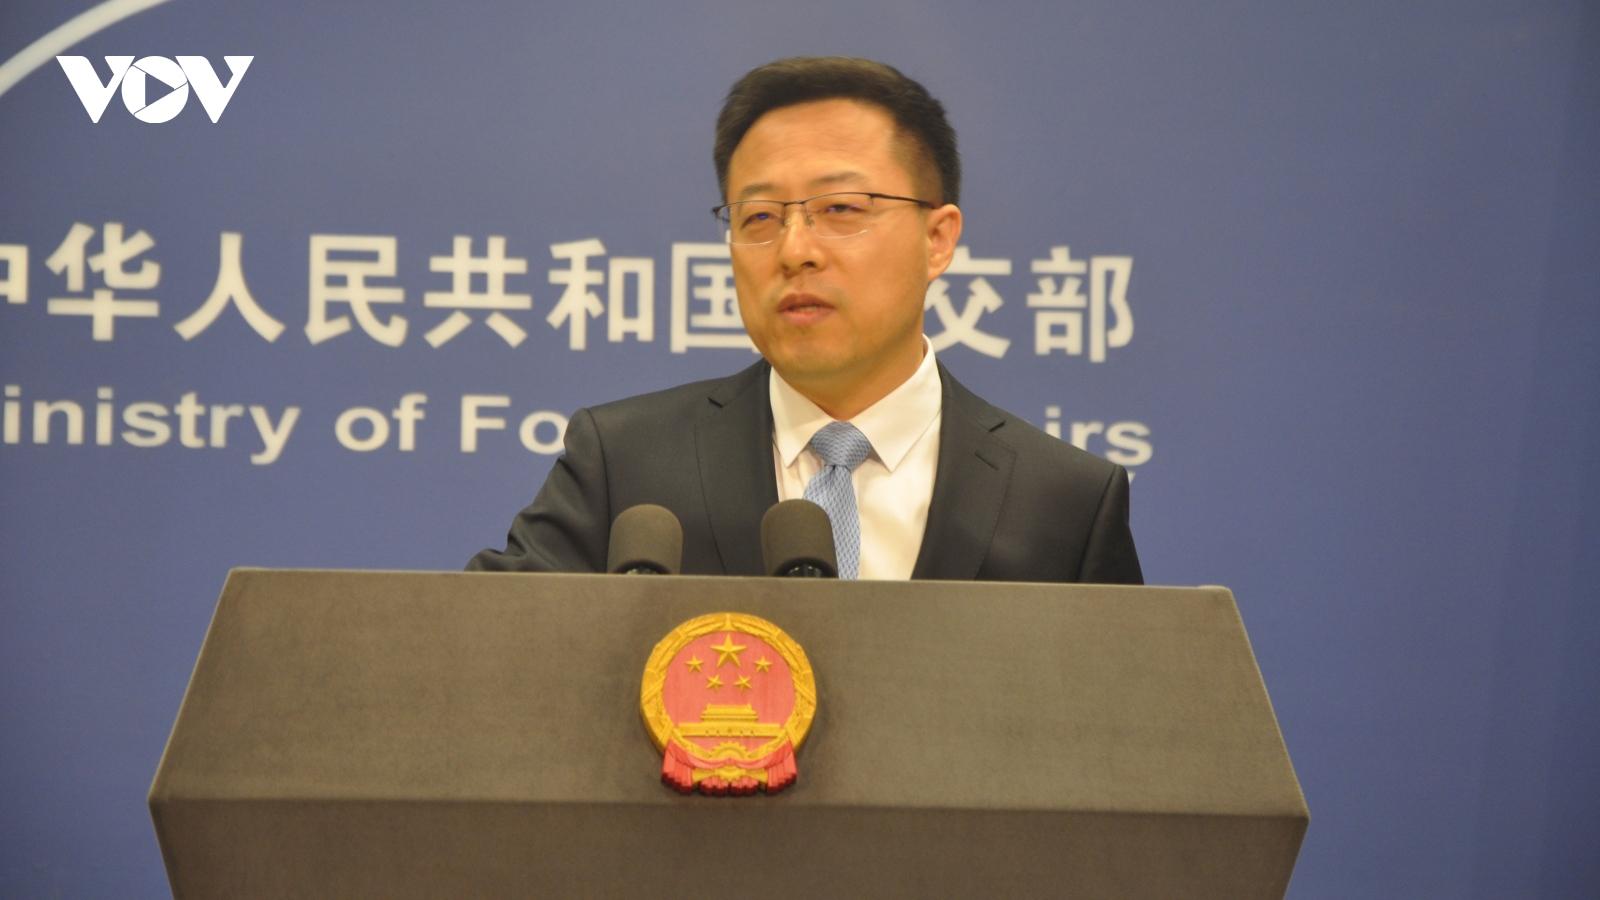 Trung Quốc chỉ trích Mỹ đơn độc trong cuộc chiến bao vây kiềm chế nước này